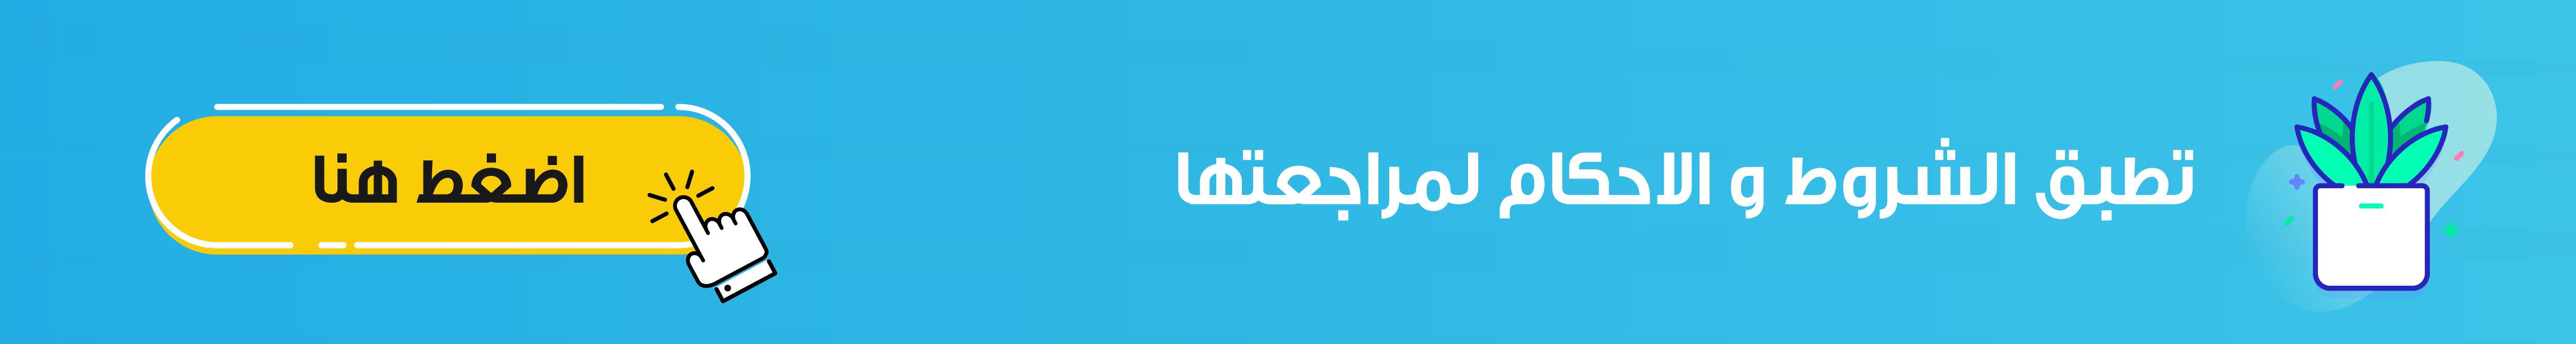 الشروط والأحكام لتطبيقات اوبن كارت العرب